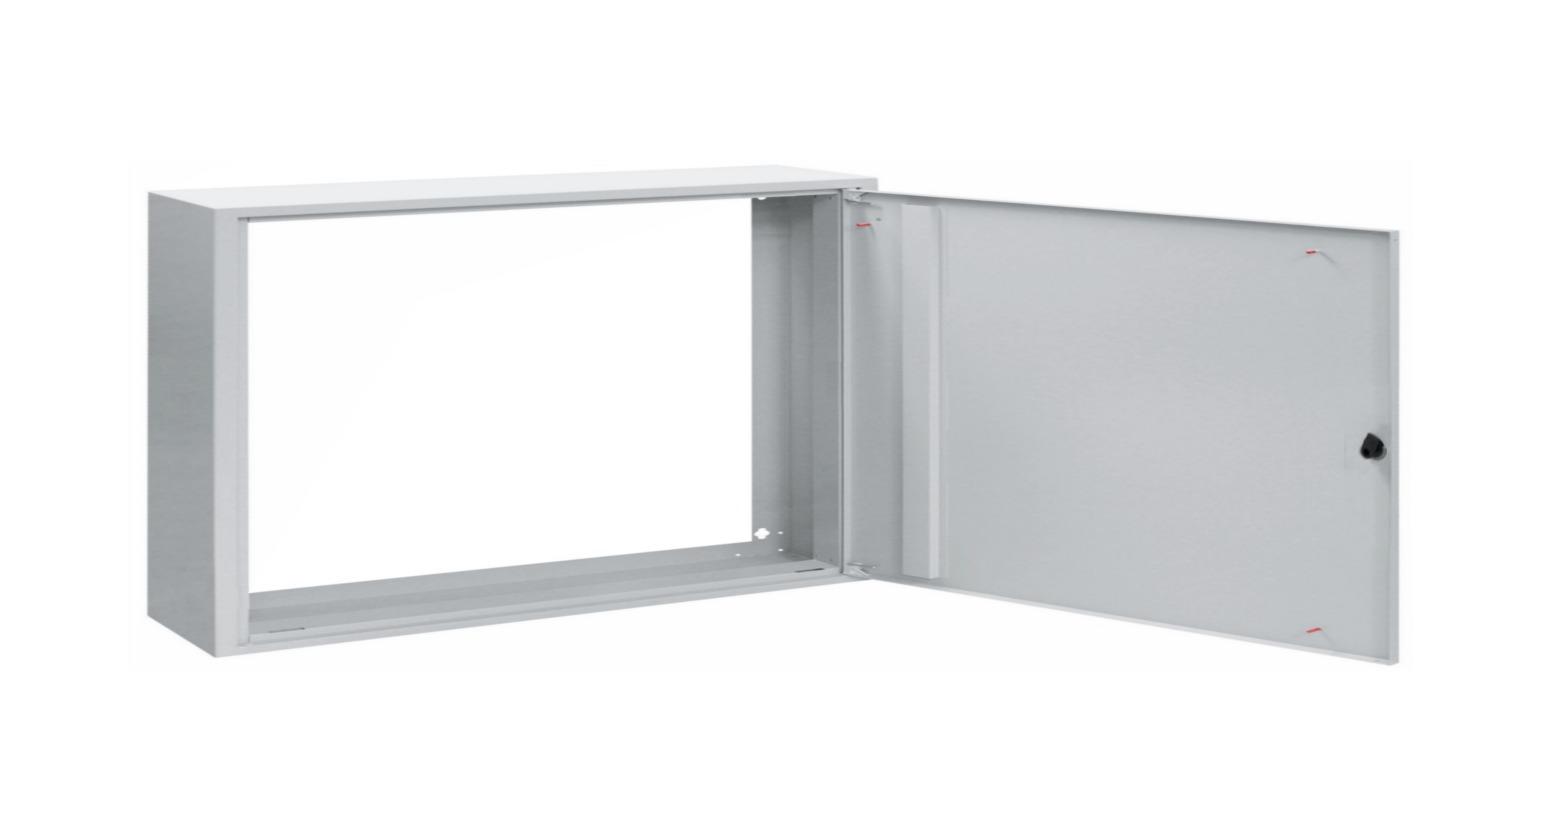 1 Stk Aufputz-Rahmen mit Türe 2A-07, H410B590T180mm IL006207-F